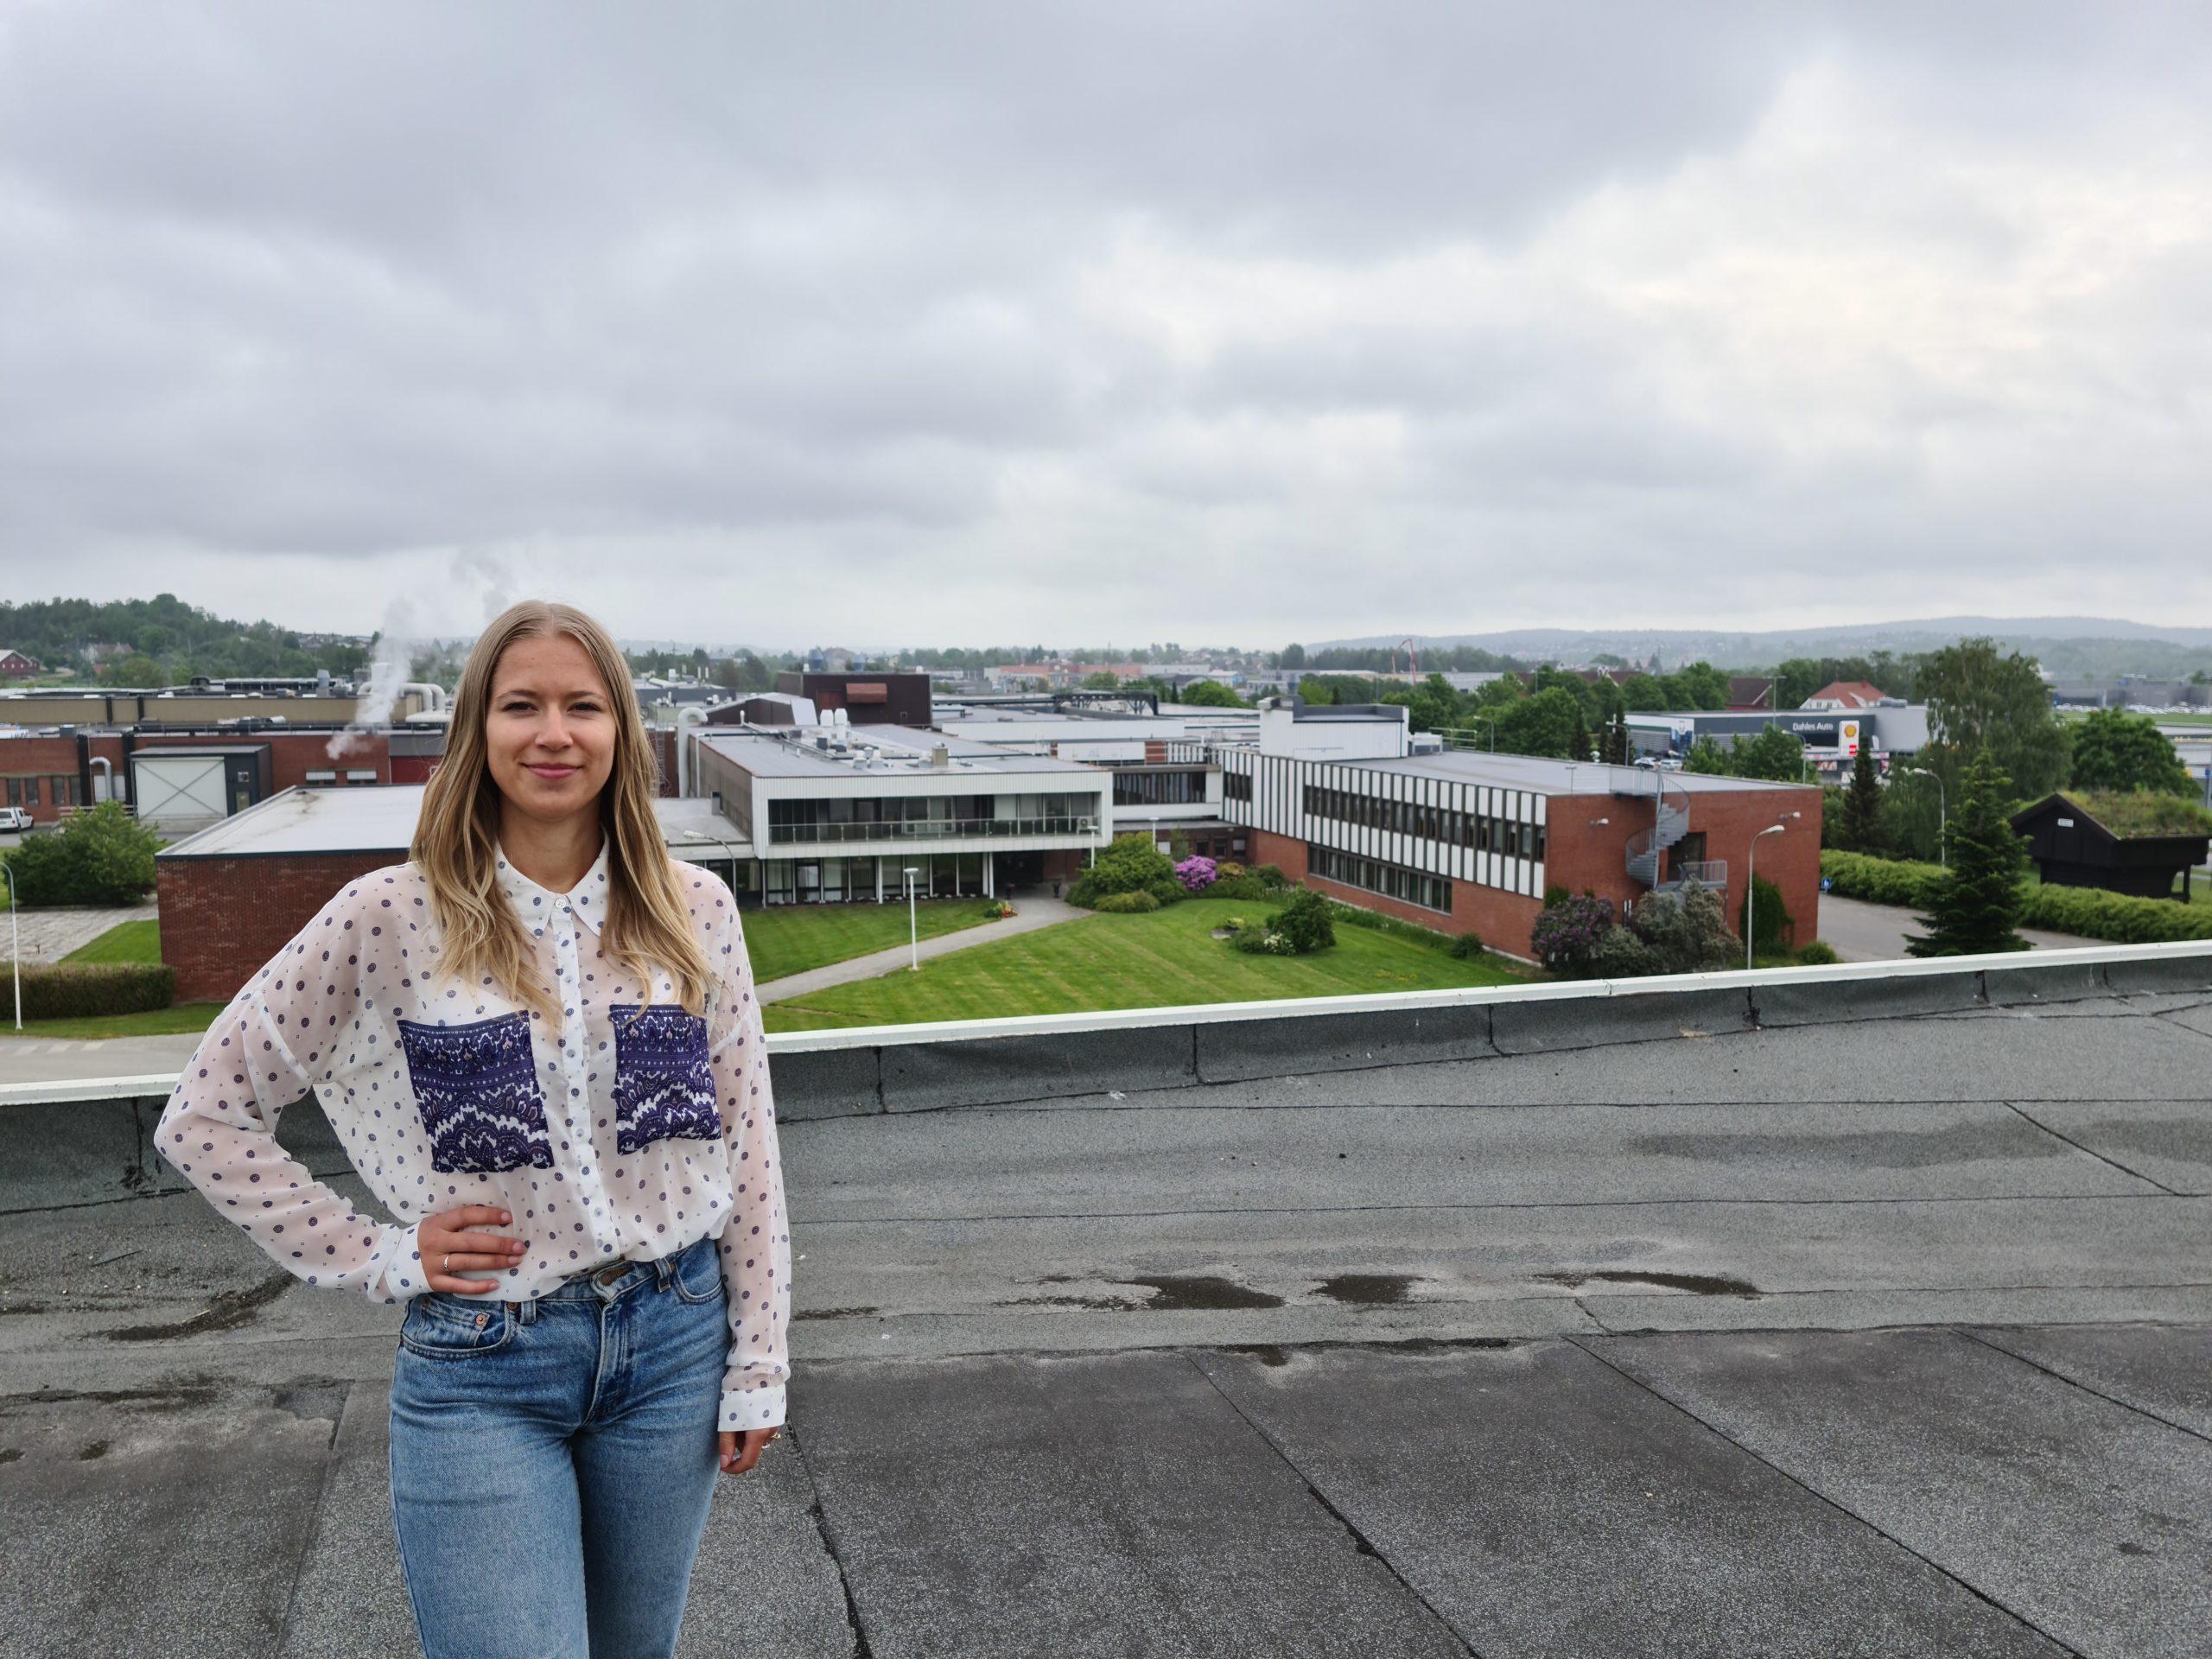 – Men vi må jo få økonomi i det. Ellers er det jo uaktuelt, sier Oda Kristine Sneen Fjeldsæter, som er produksjonstrainee ved en av Orkla Foods største fabrikker, Stabburet i Fredrikstad. Foto: Orkla Foods Norge.